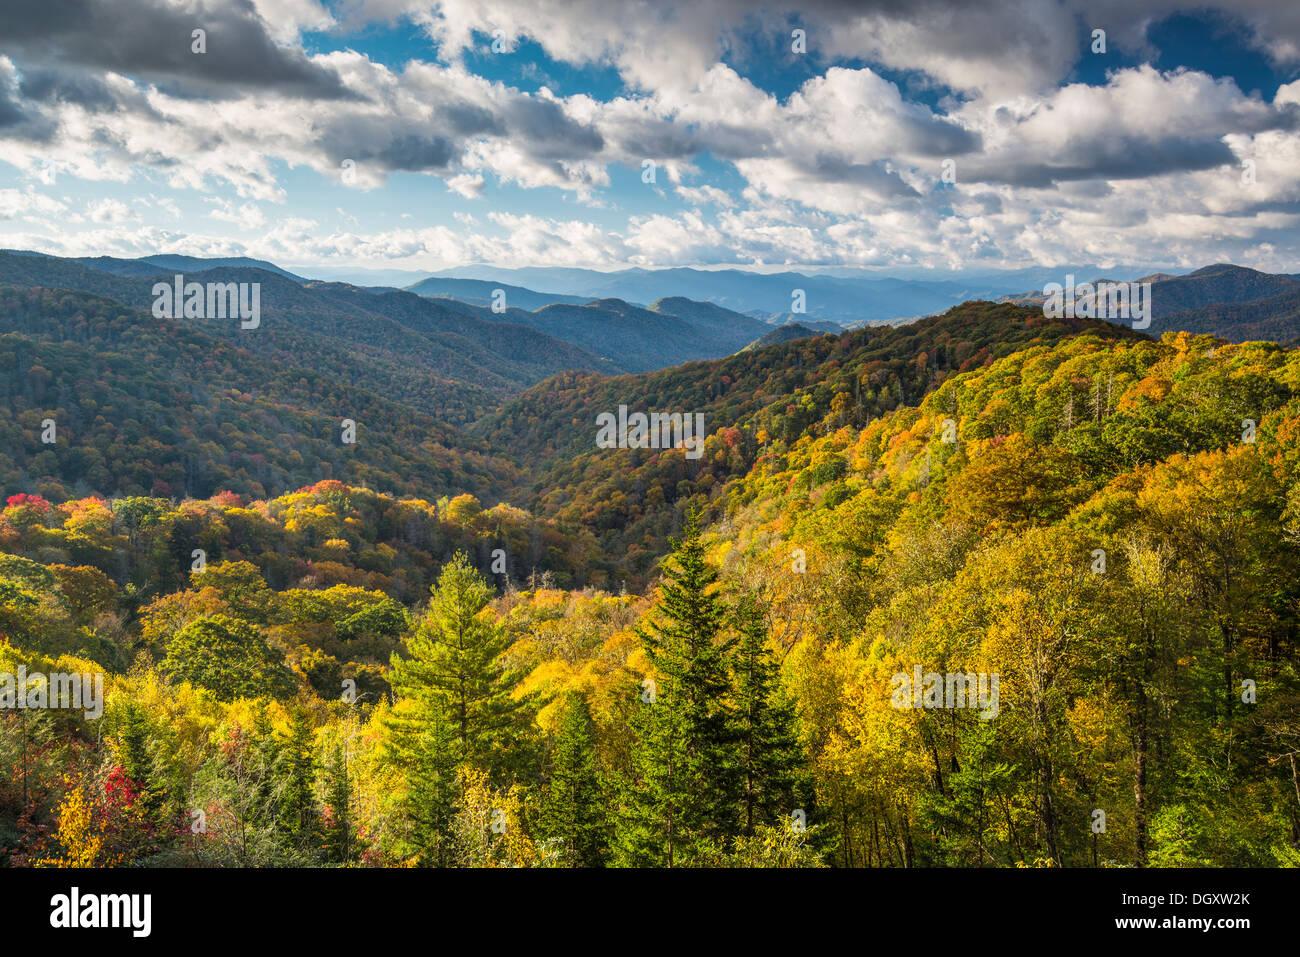 Paysage de montagnes fumeuses à Newfound Gap à l'automne. Photo Stock